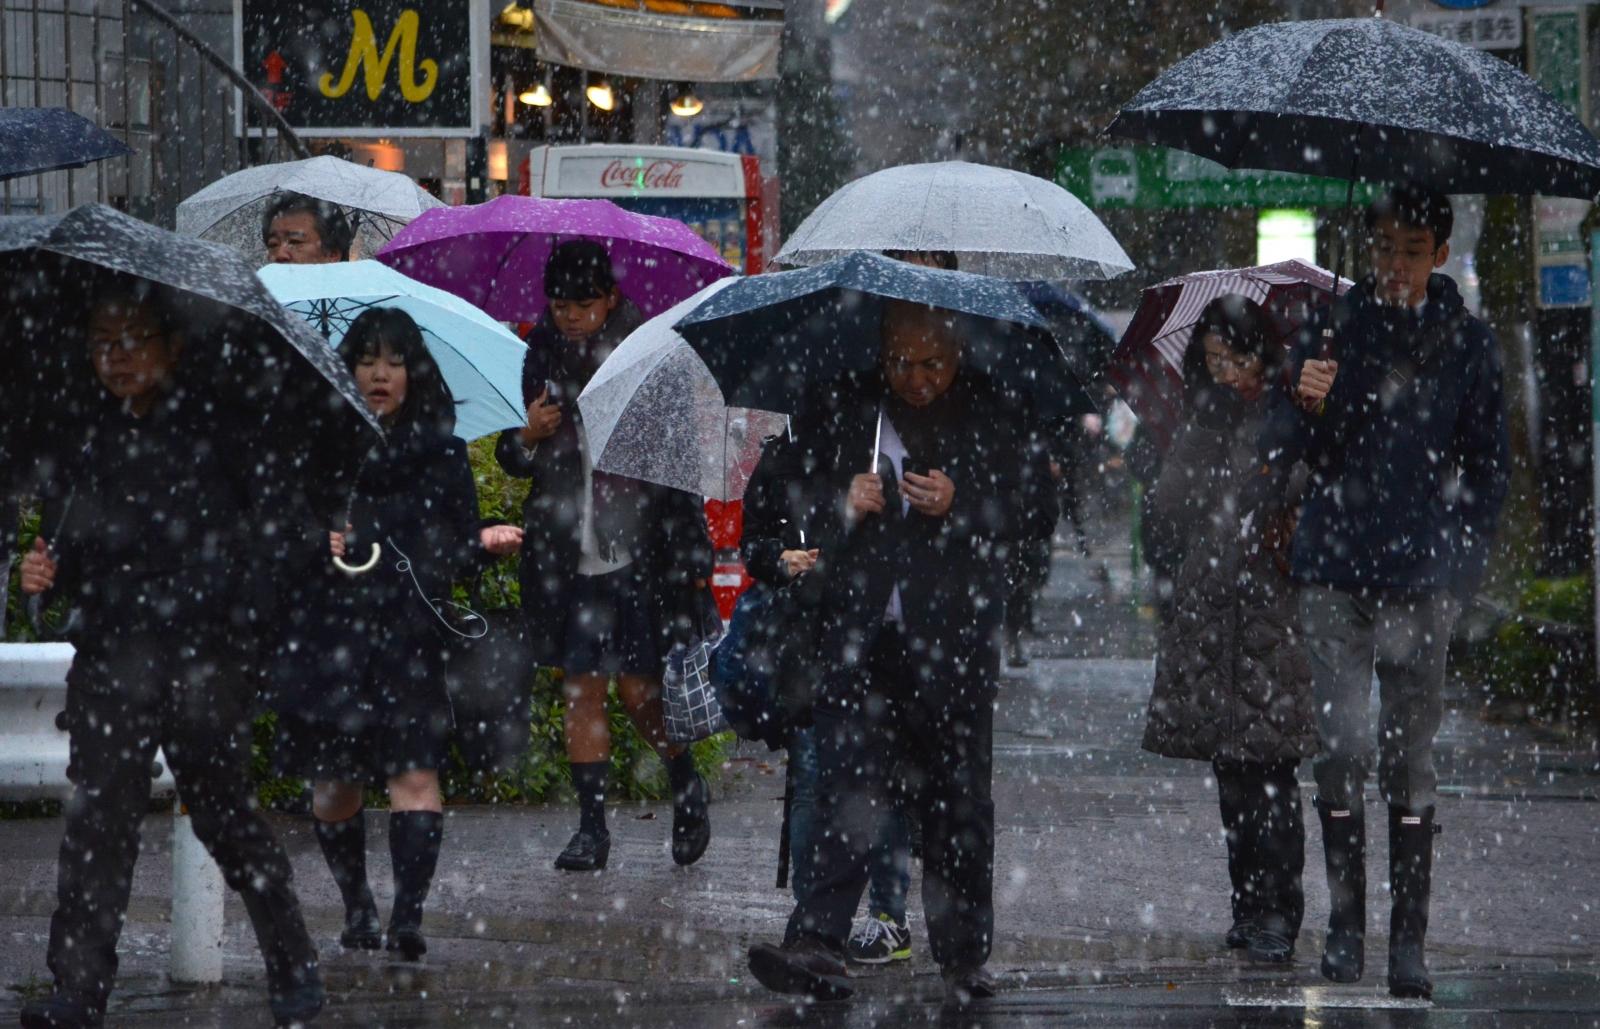 Tokyo snowfall